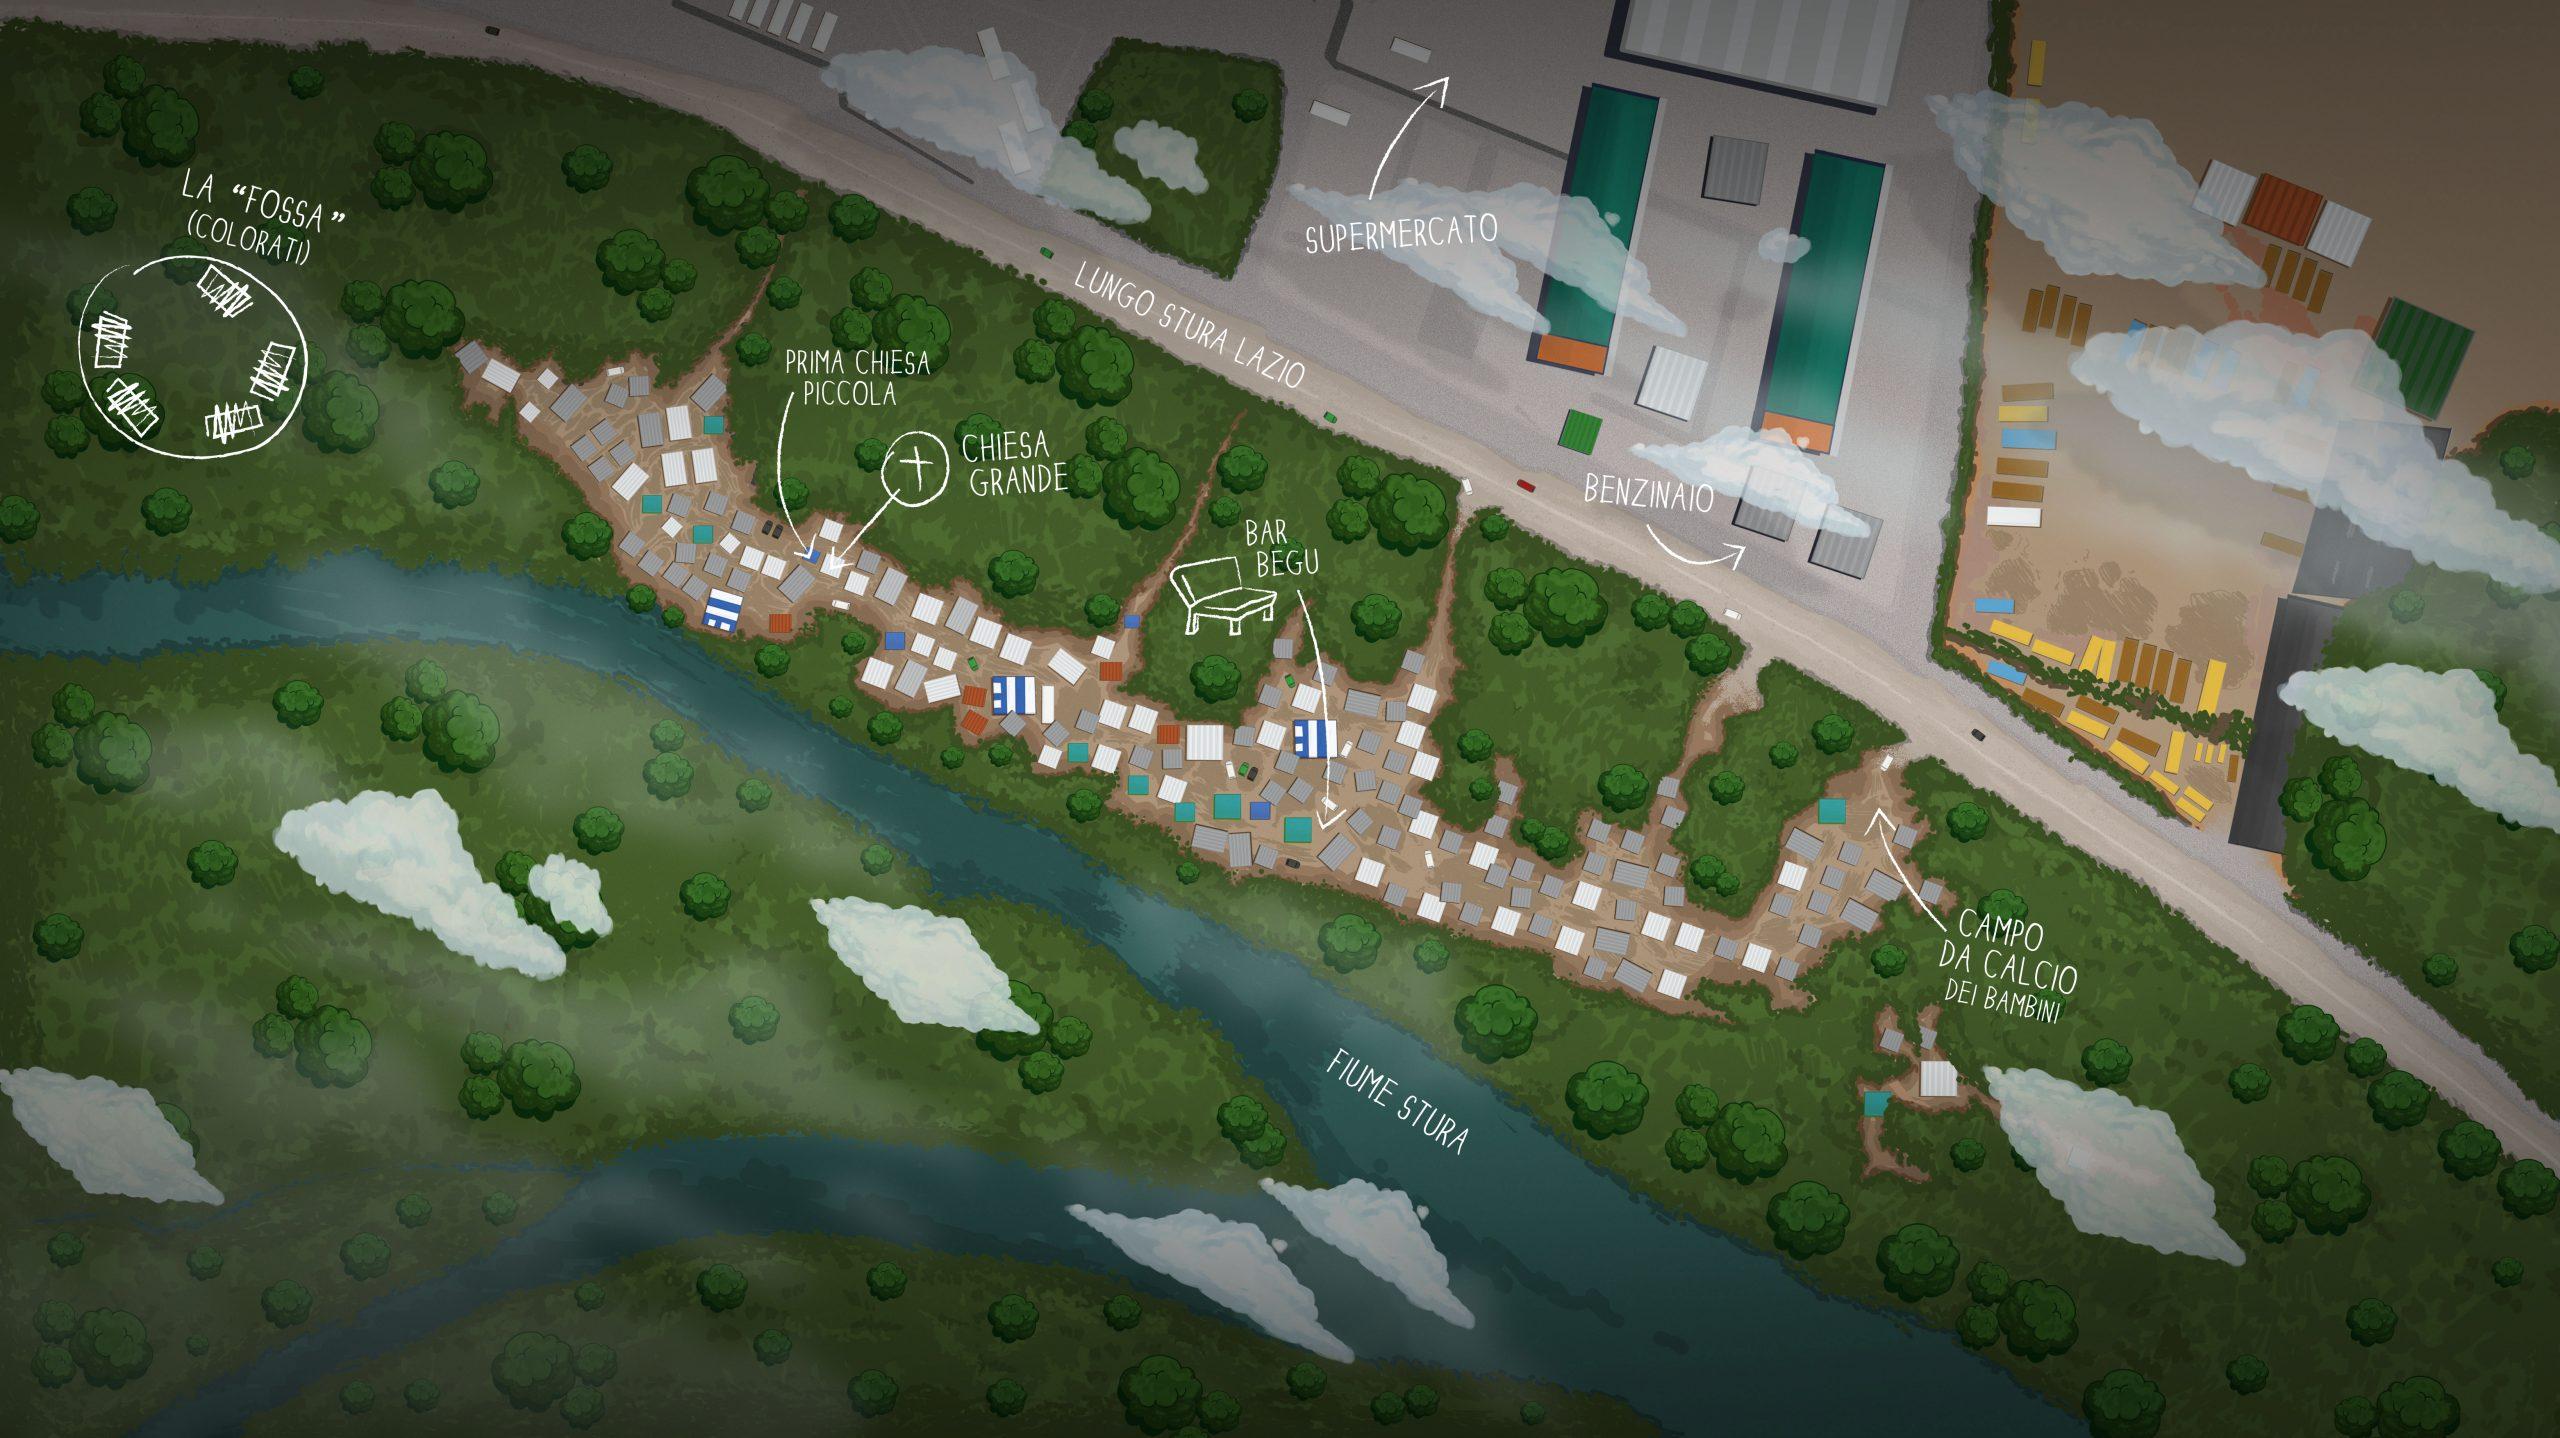 mappa_dida_Tavola disegno 1